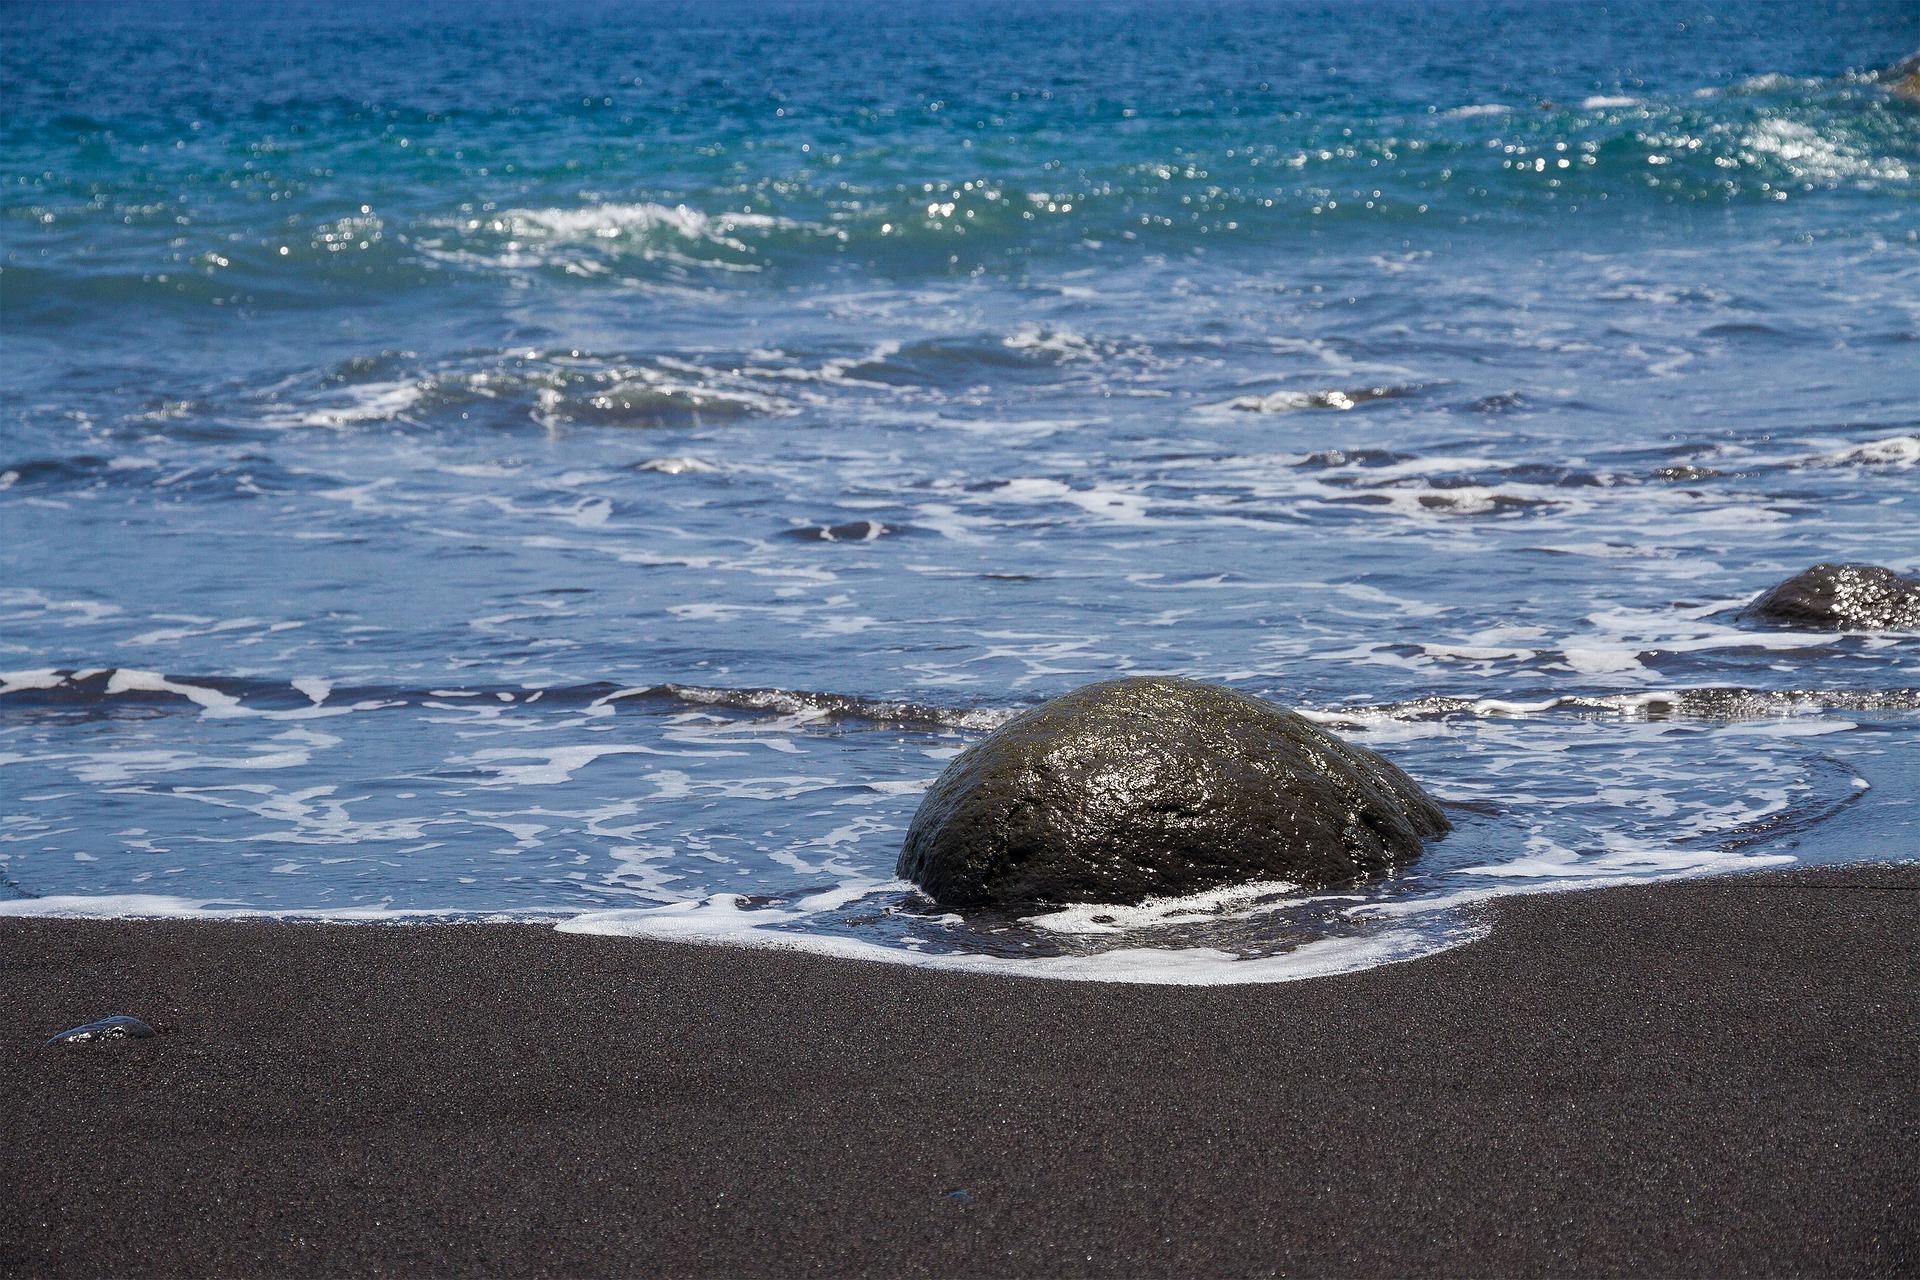 Schwarze Lavastrand auf den Kanaren auf der Insel Gomera